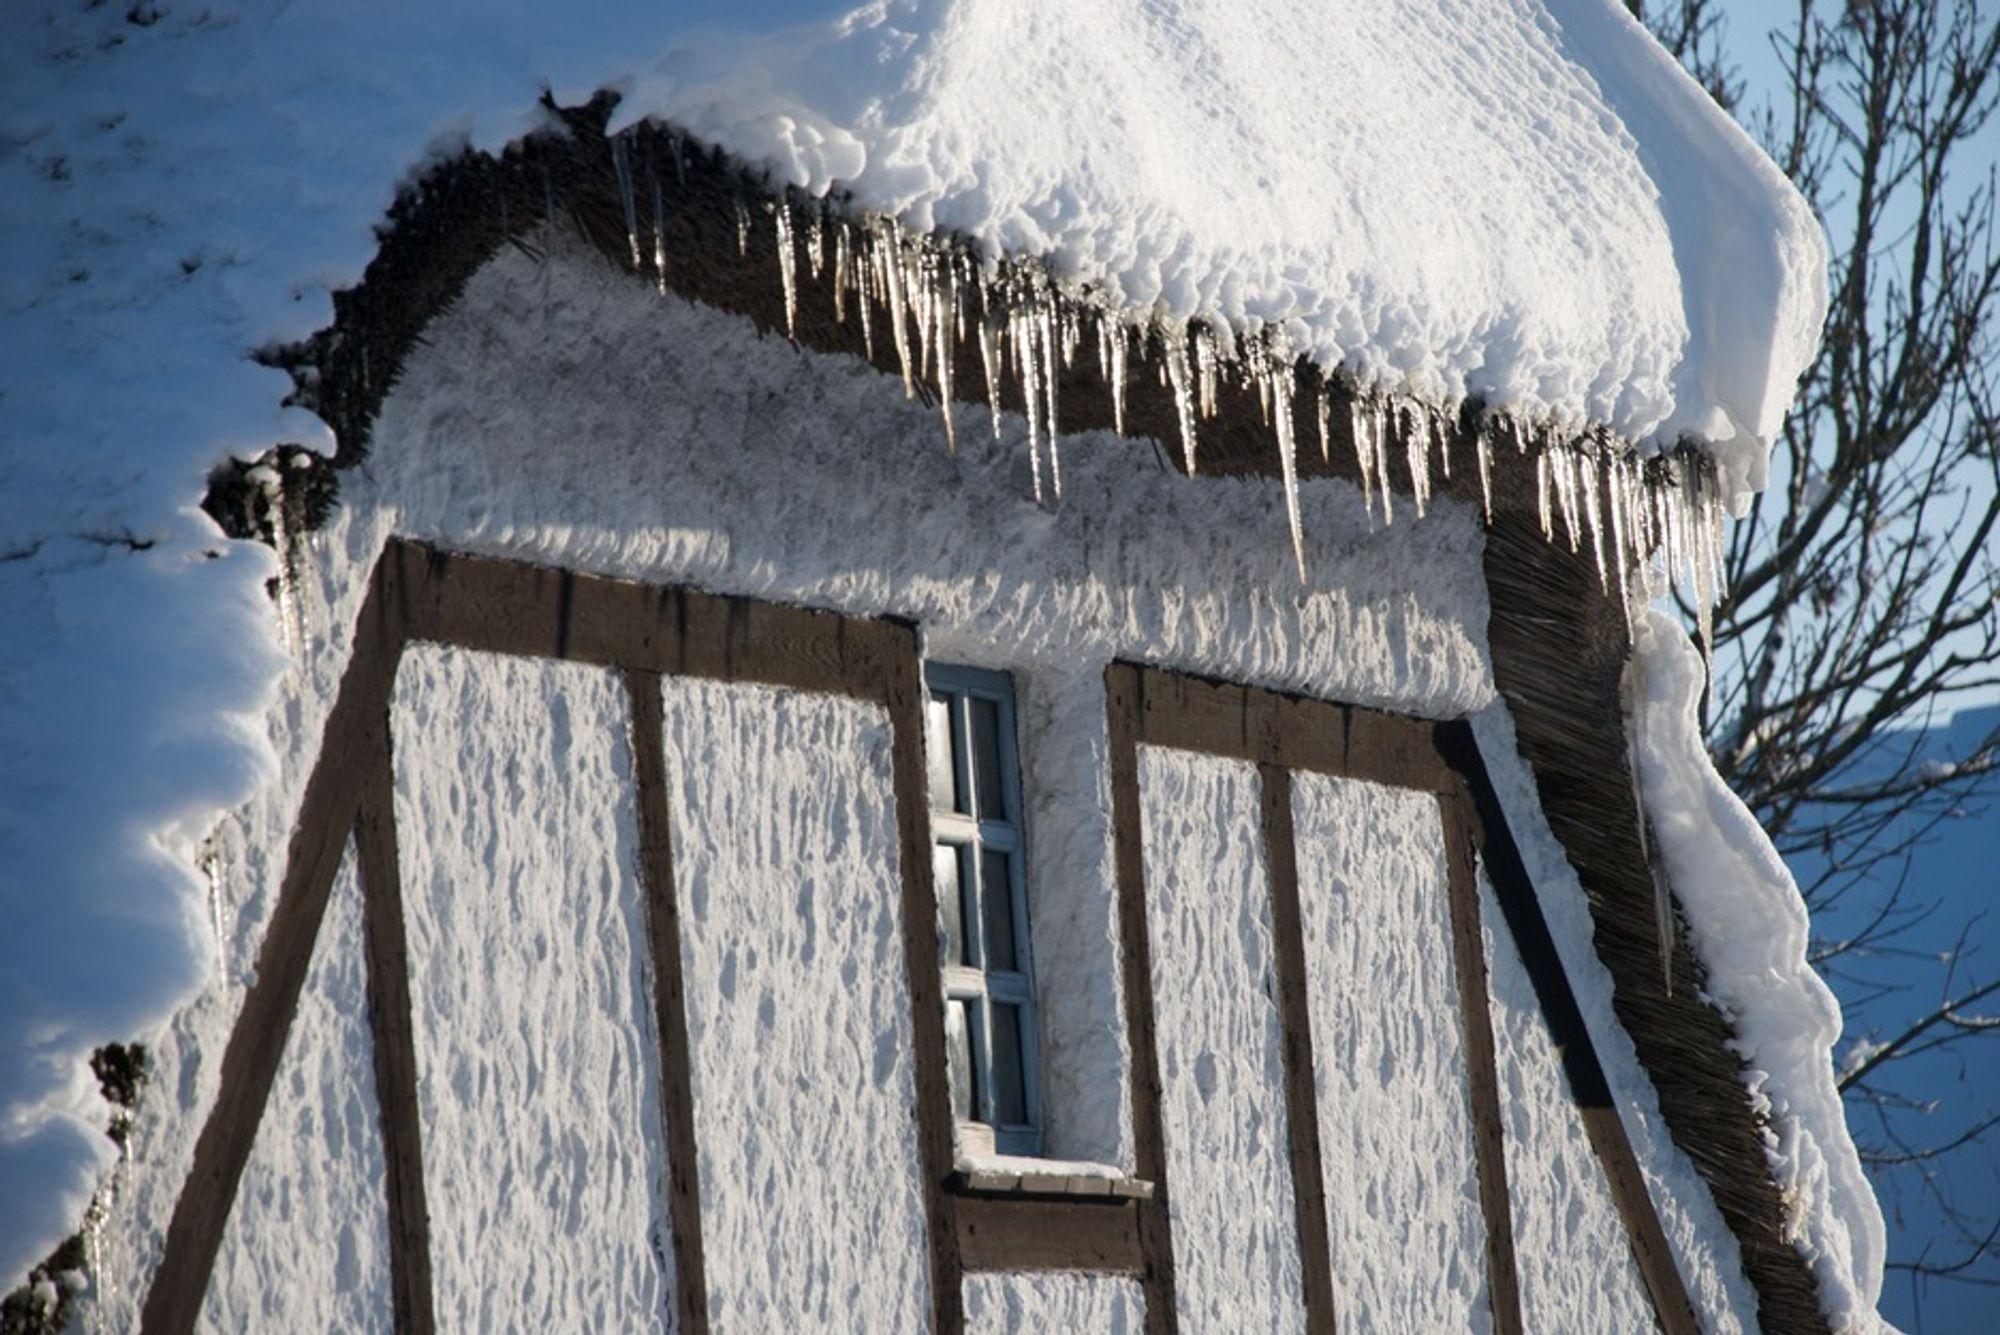 Bor du i Norges kaldeste bolig, eller kjenner du noen som gjør det? Da kan du legge inn din historie på Enovaanbefaler.no og være med i konkurransen om etterisolering, tetting og utskifting av vinduer.